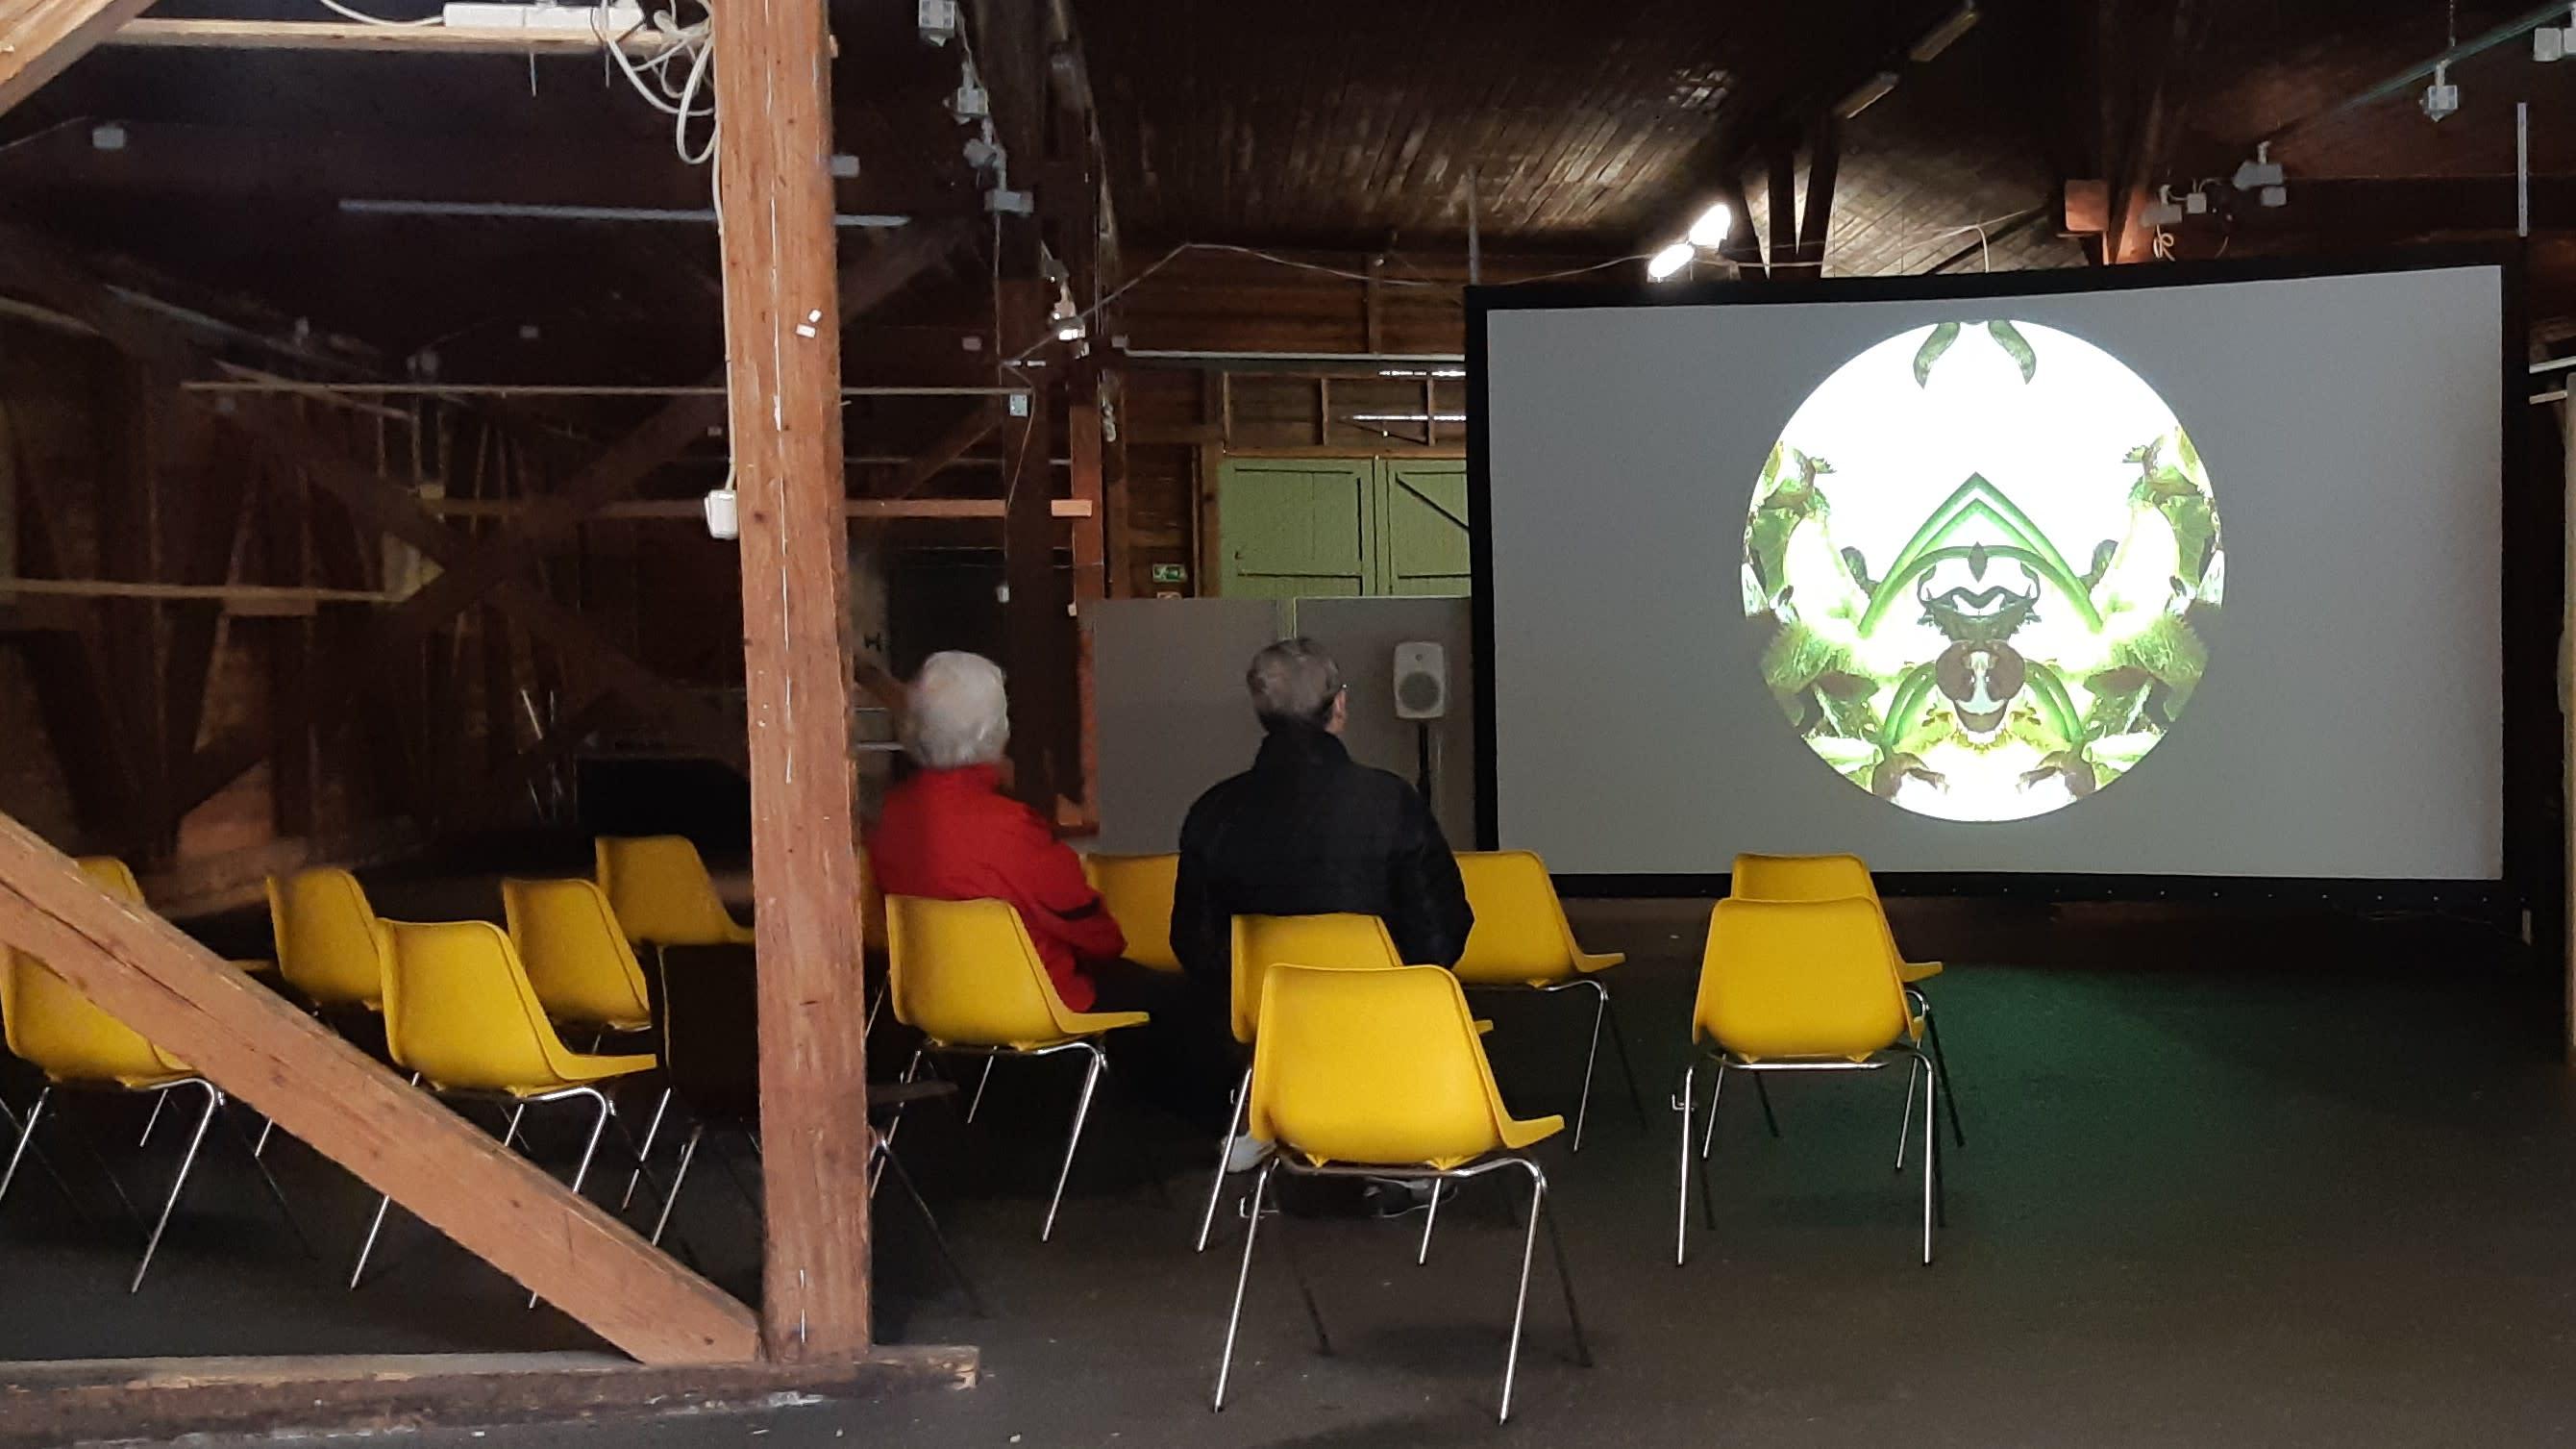 Kaksi henkilöä katsomassa mediataideteosta Lappeenrannan Vihreässä makasiinissa.